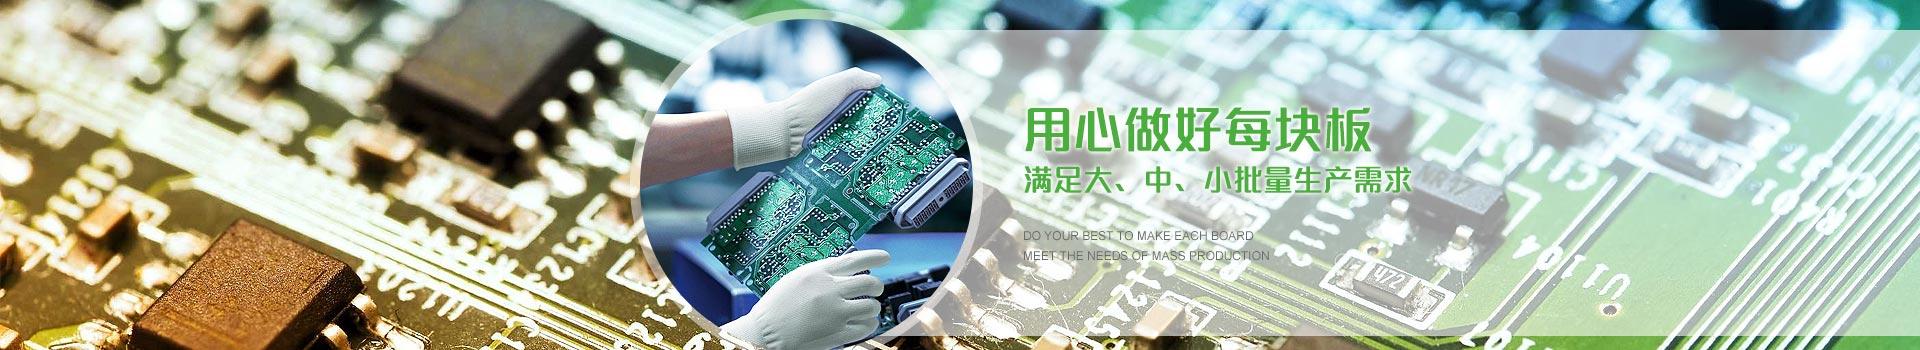 宏联电路-用心做好每块板,满足大批量生产需求